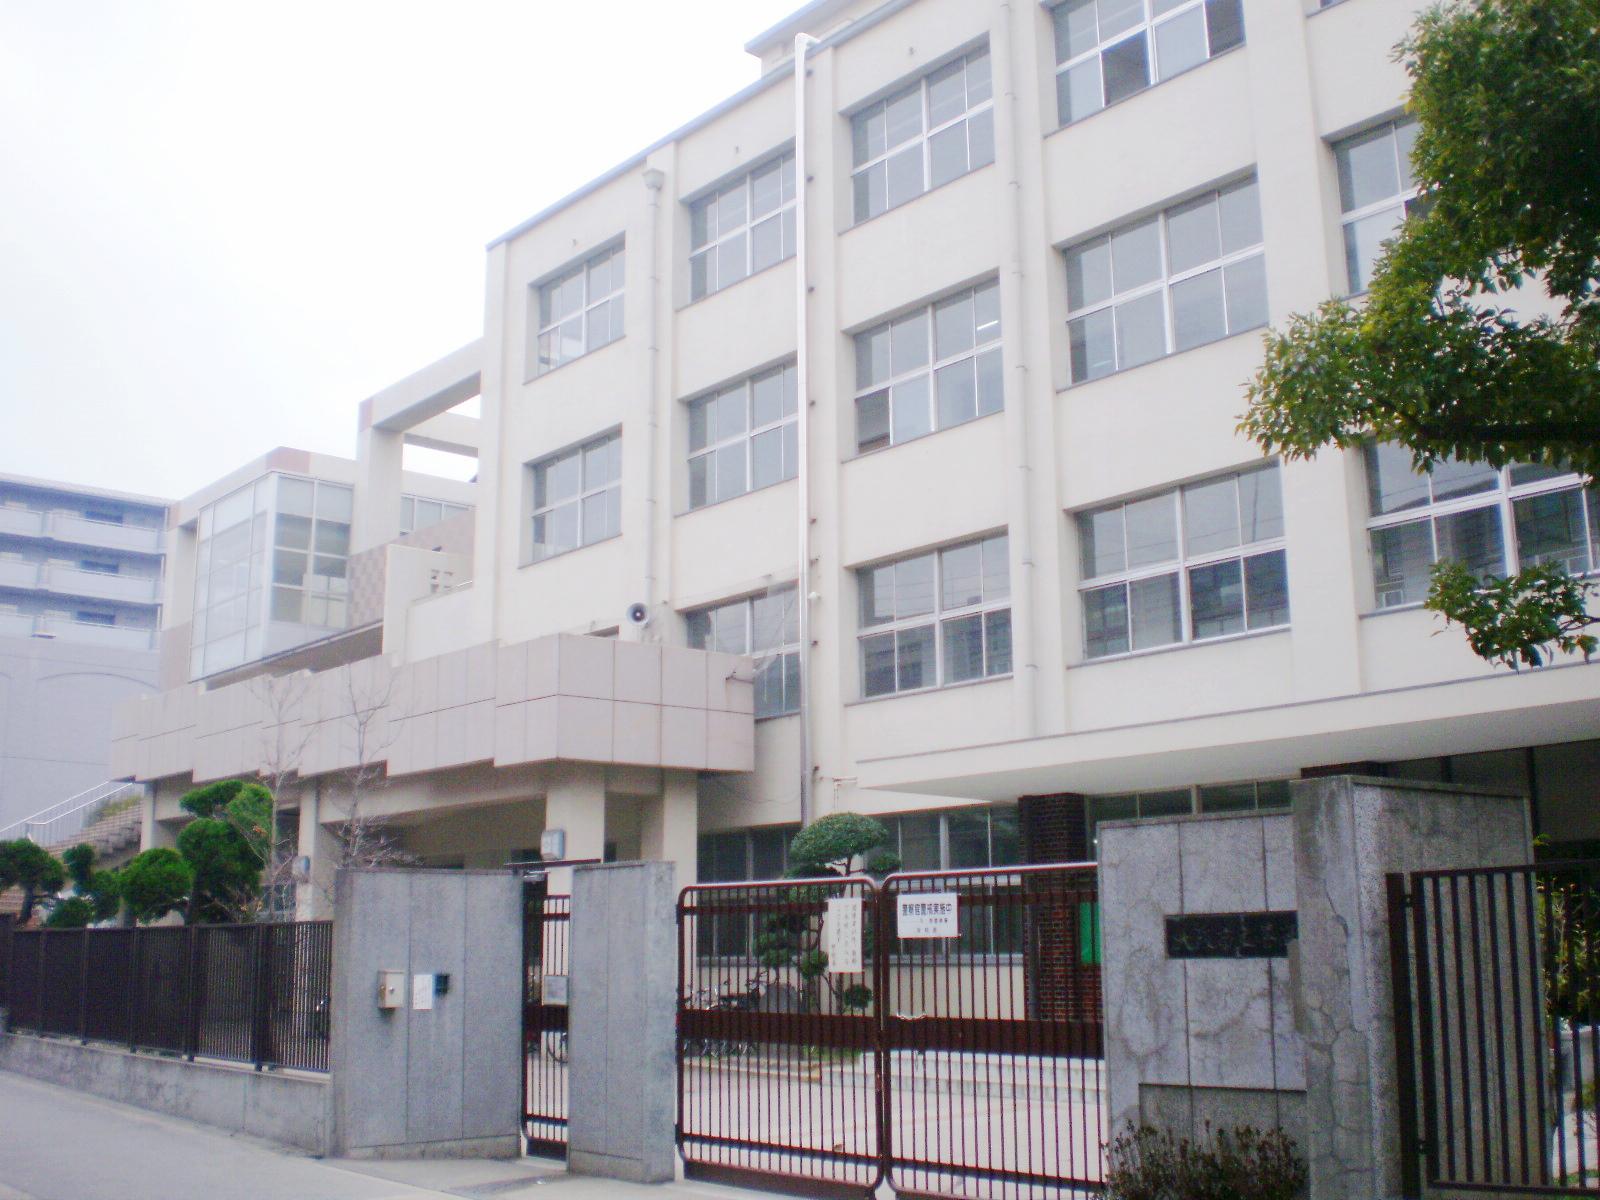 中学校 大阪市立喜連中学校(中学校)まで150m